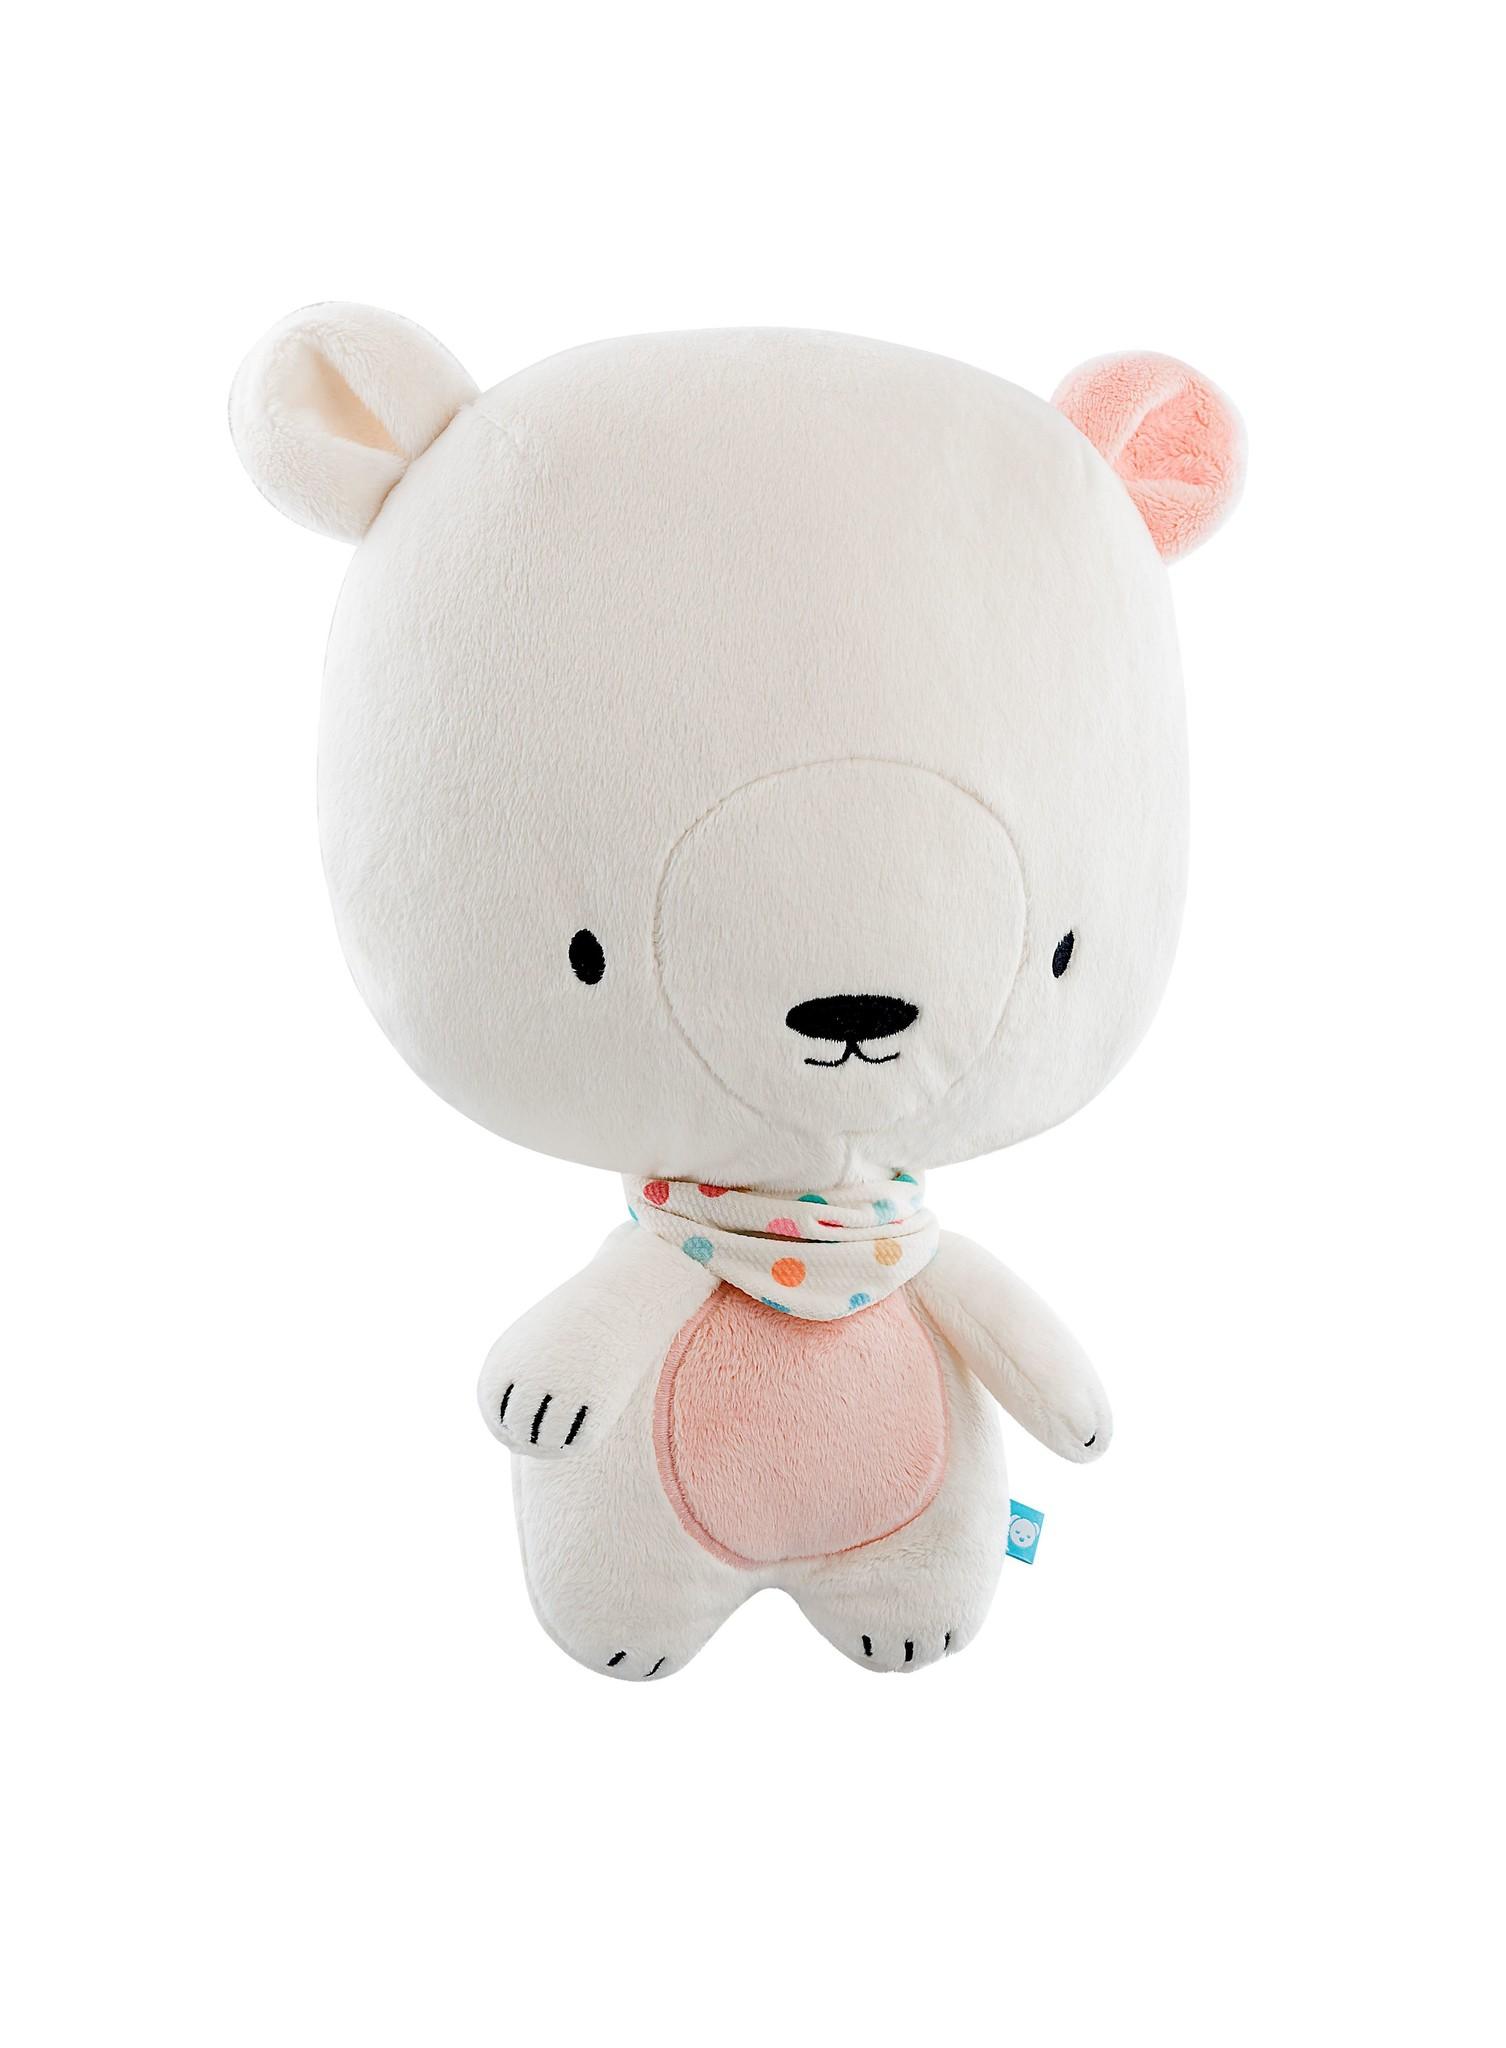 myHummy with lullabies - ecru / pink